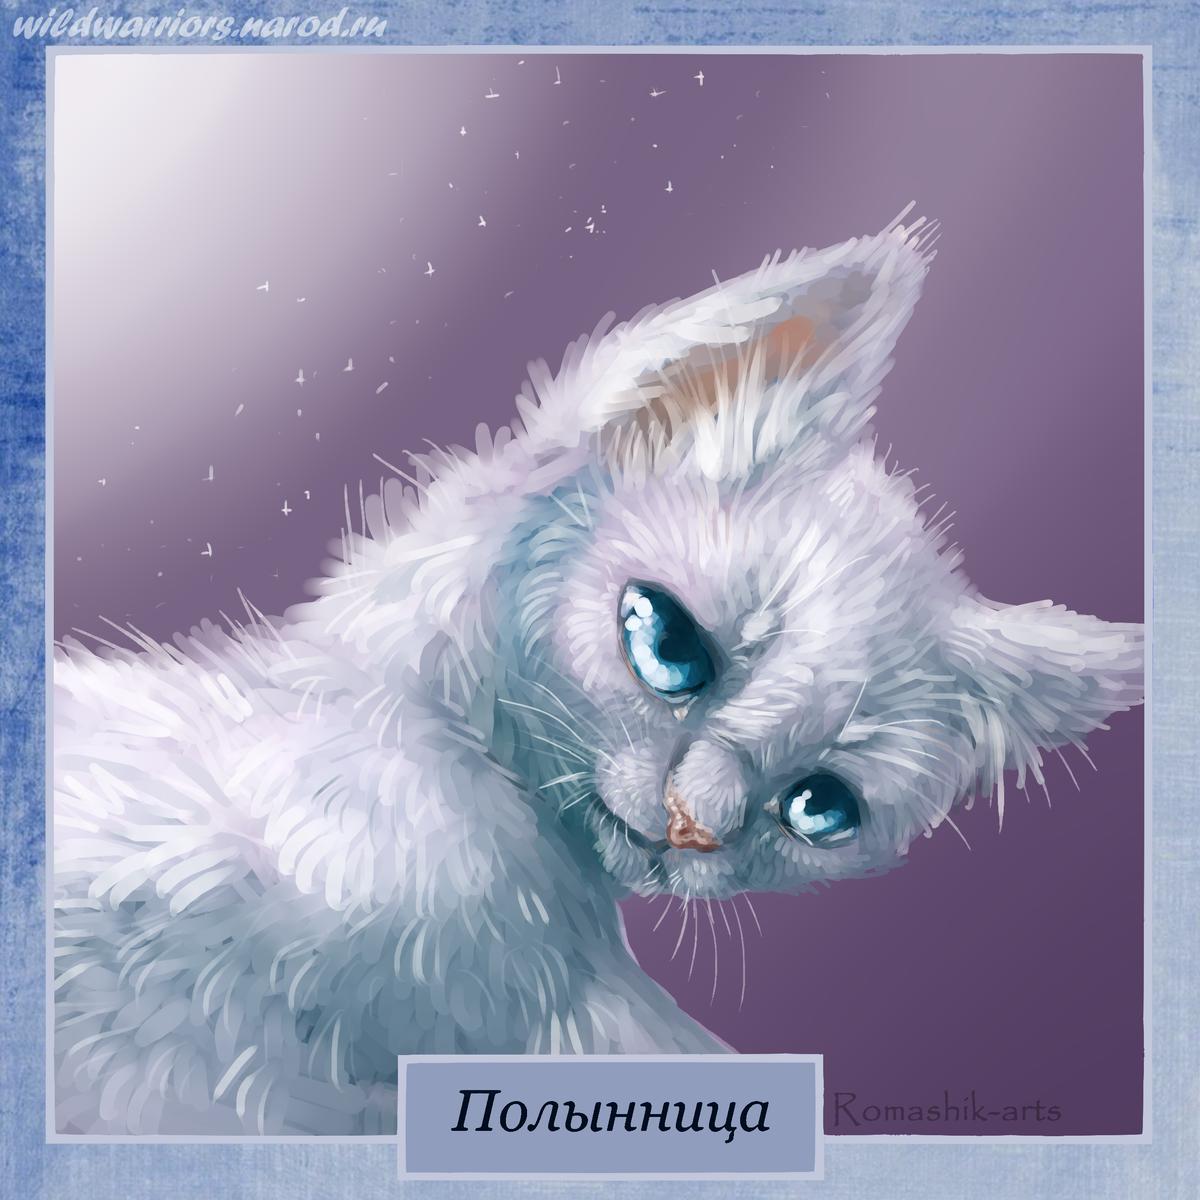 Картинки котов воителей с именами на русском, для